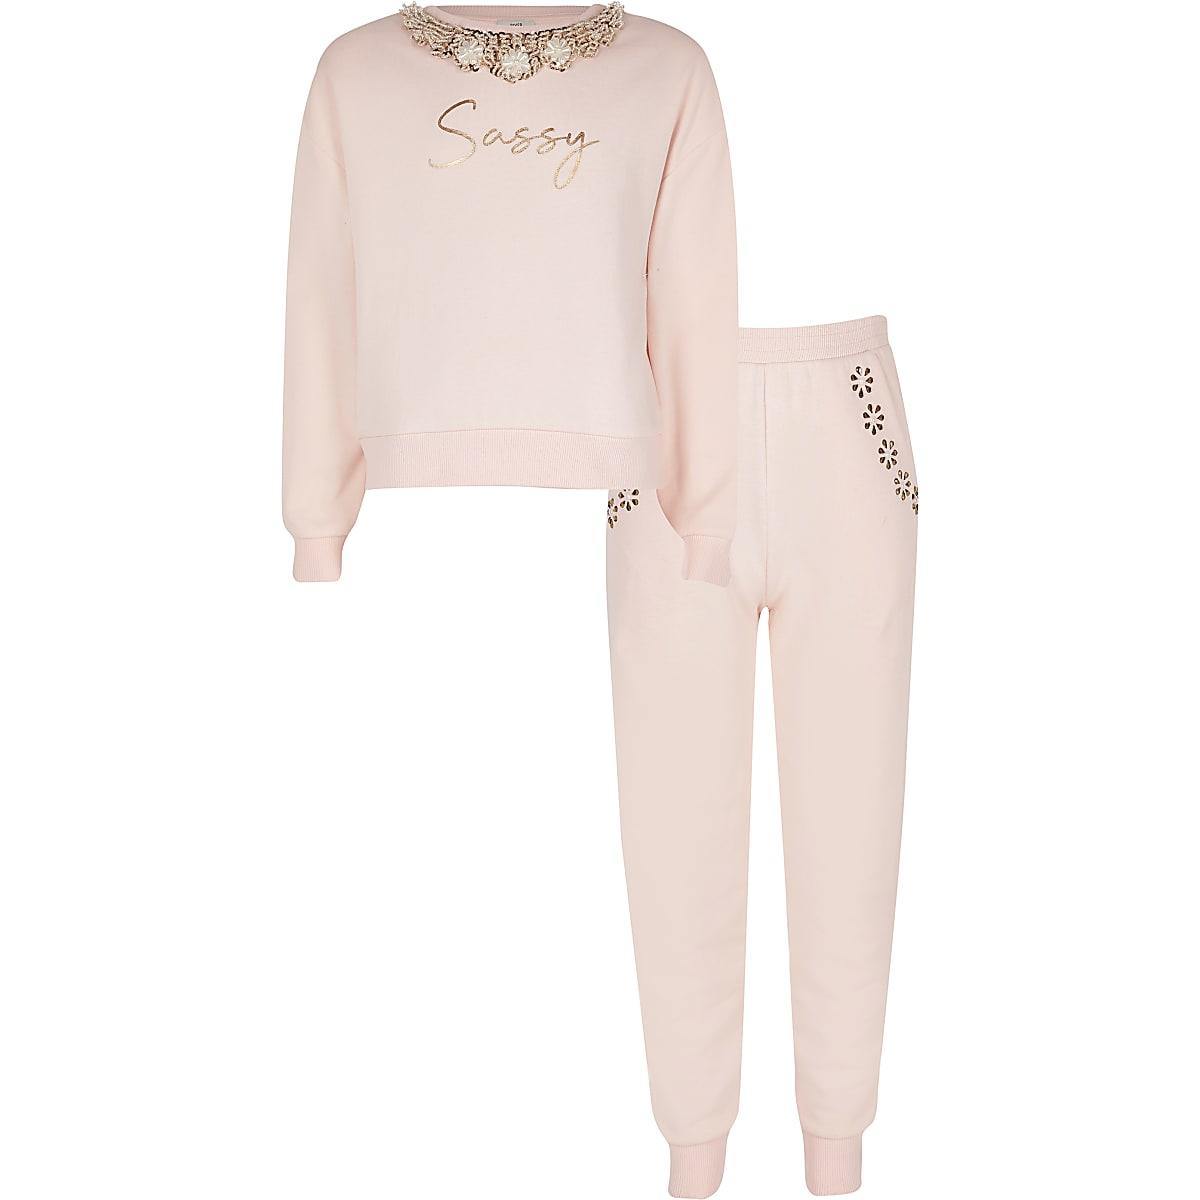 Outfit met roze verfraaid sweatshirt voor meisjes